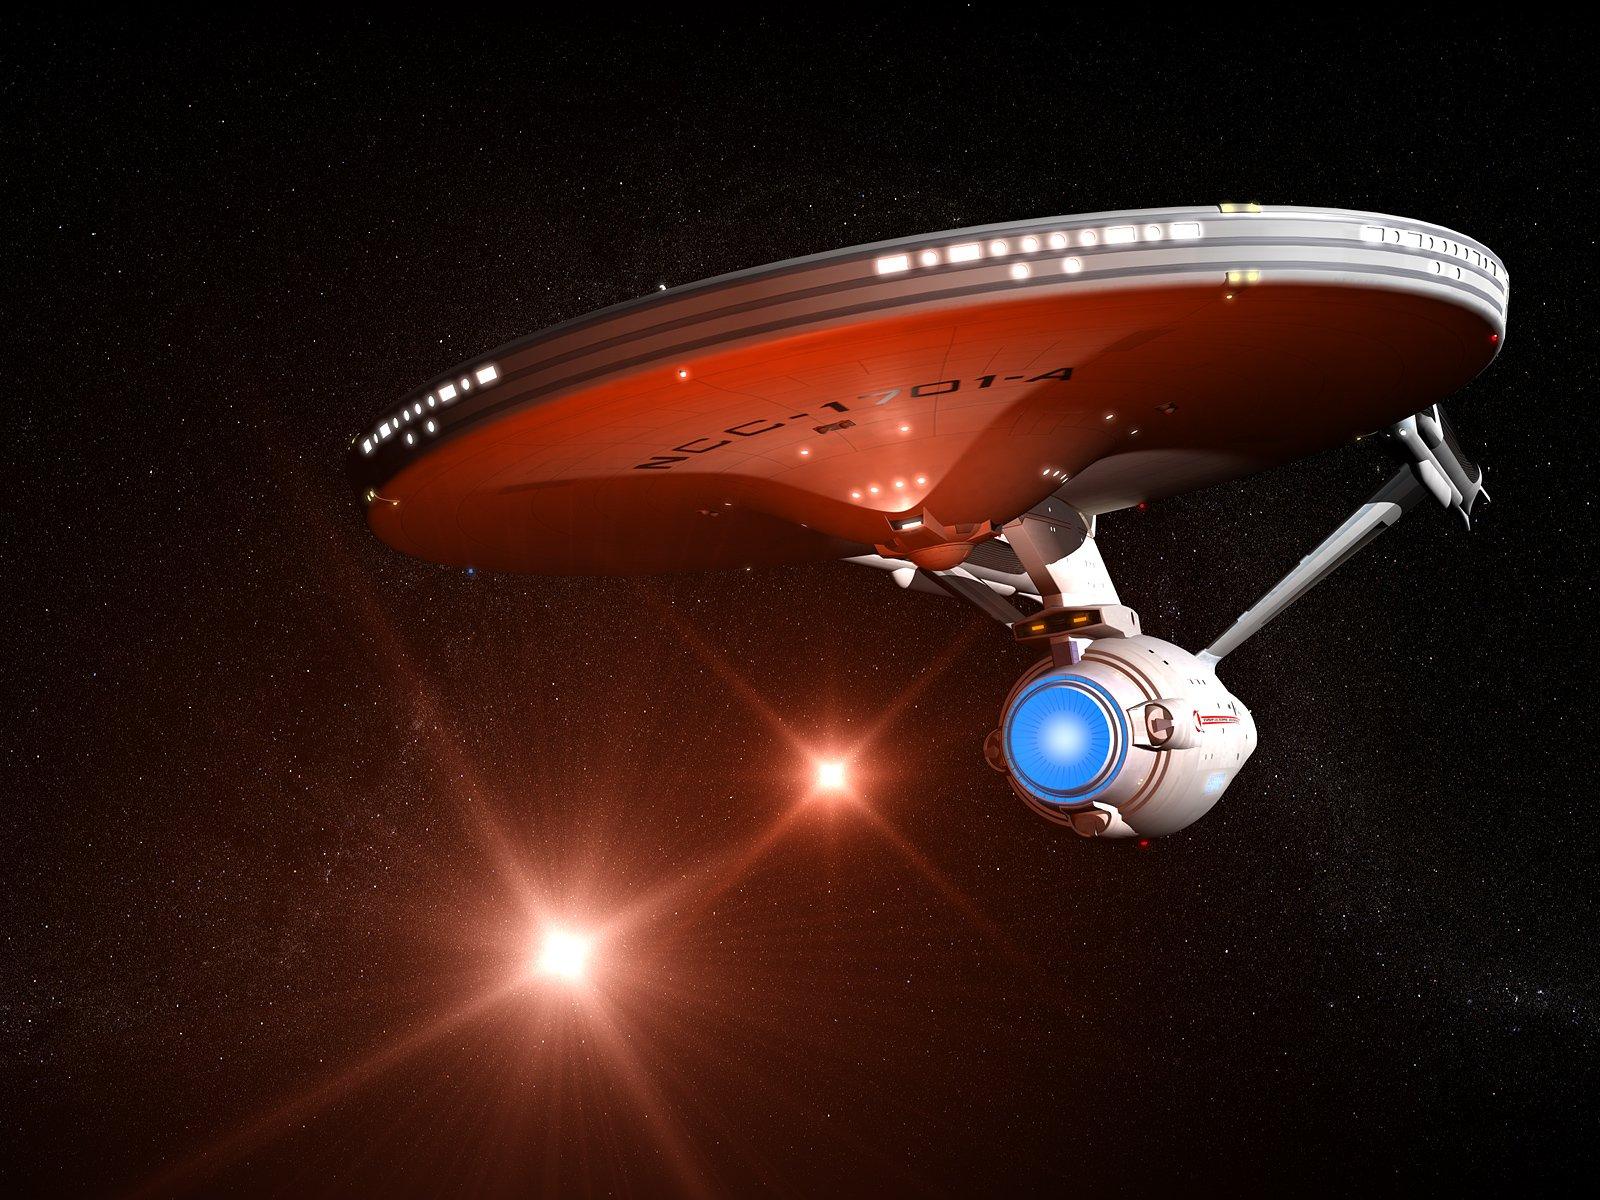 Star Trek Enterprise Wallpaper - WallpaperSafari